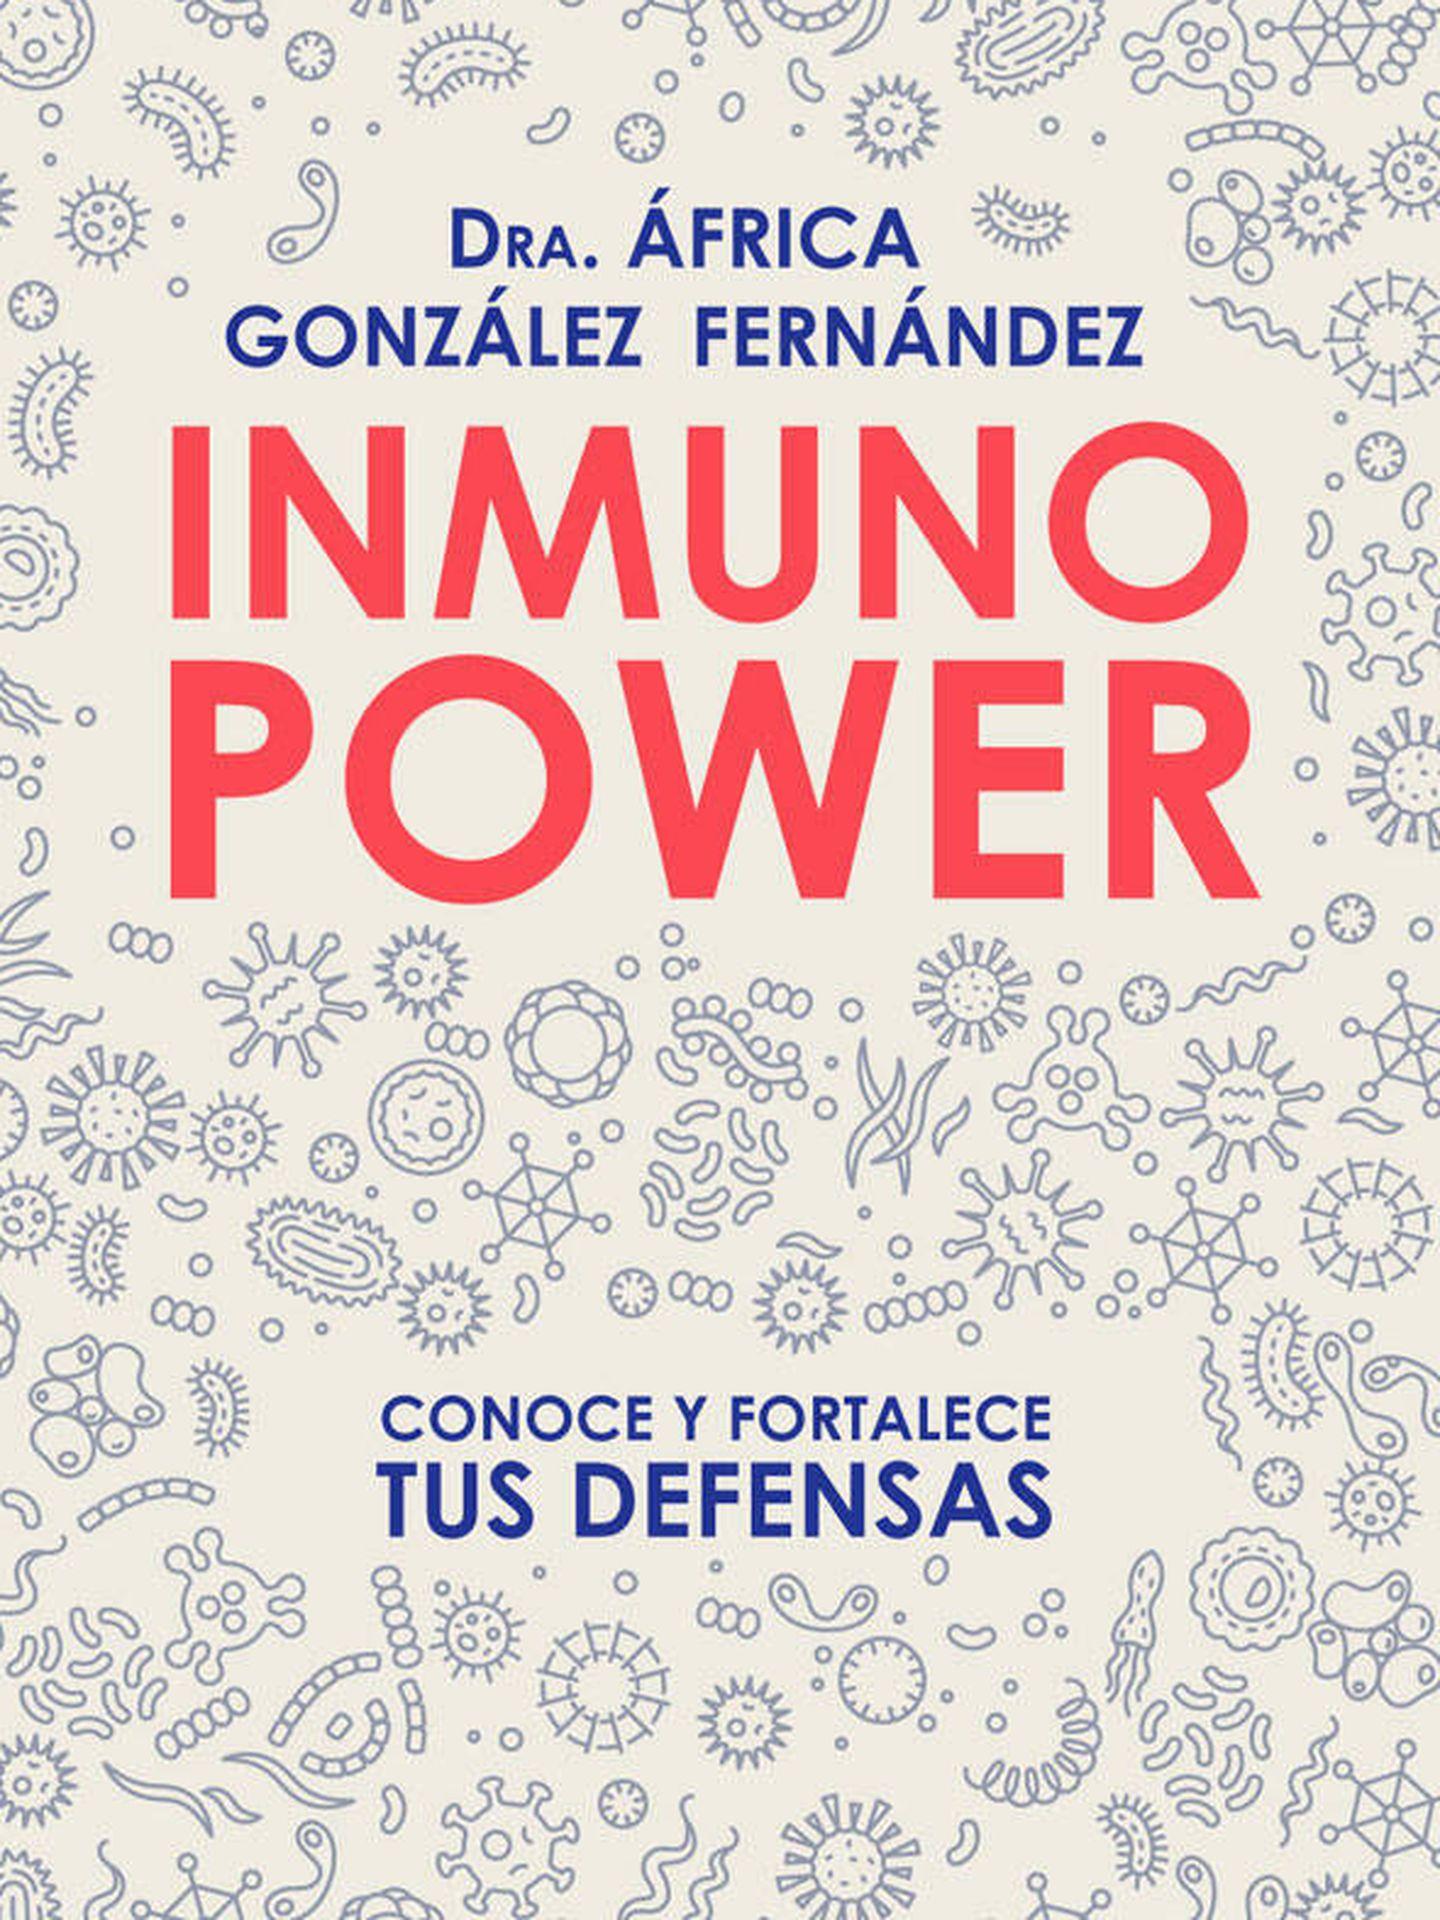 Portada del libro escrito por la doctora África González.